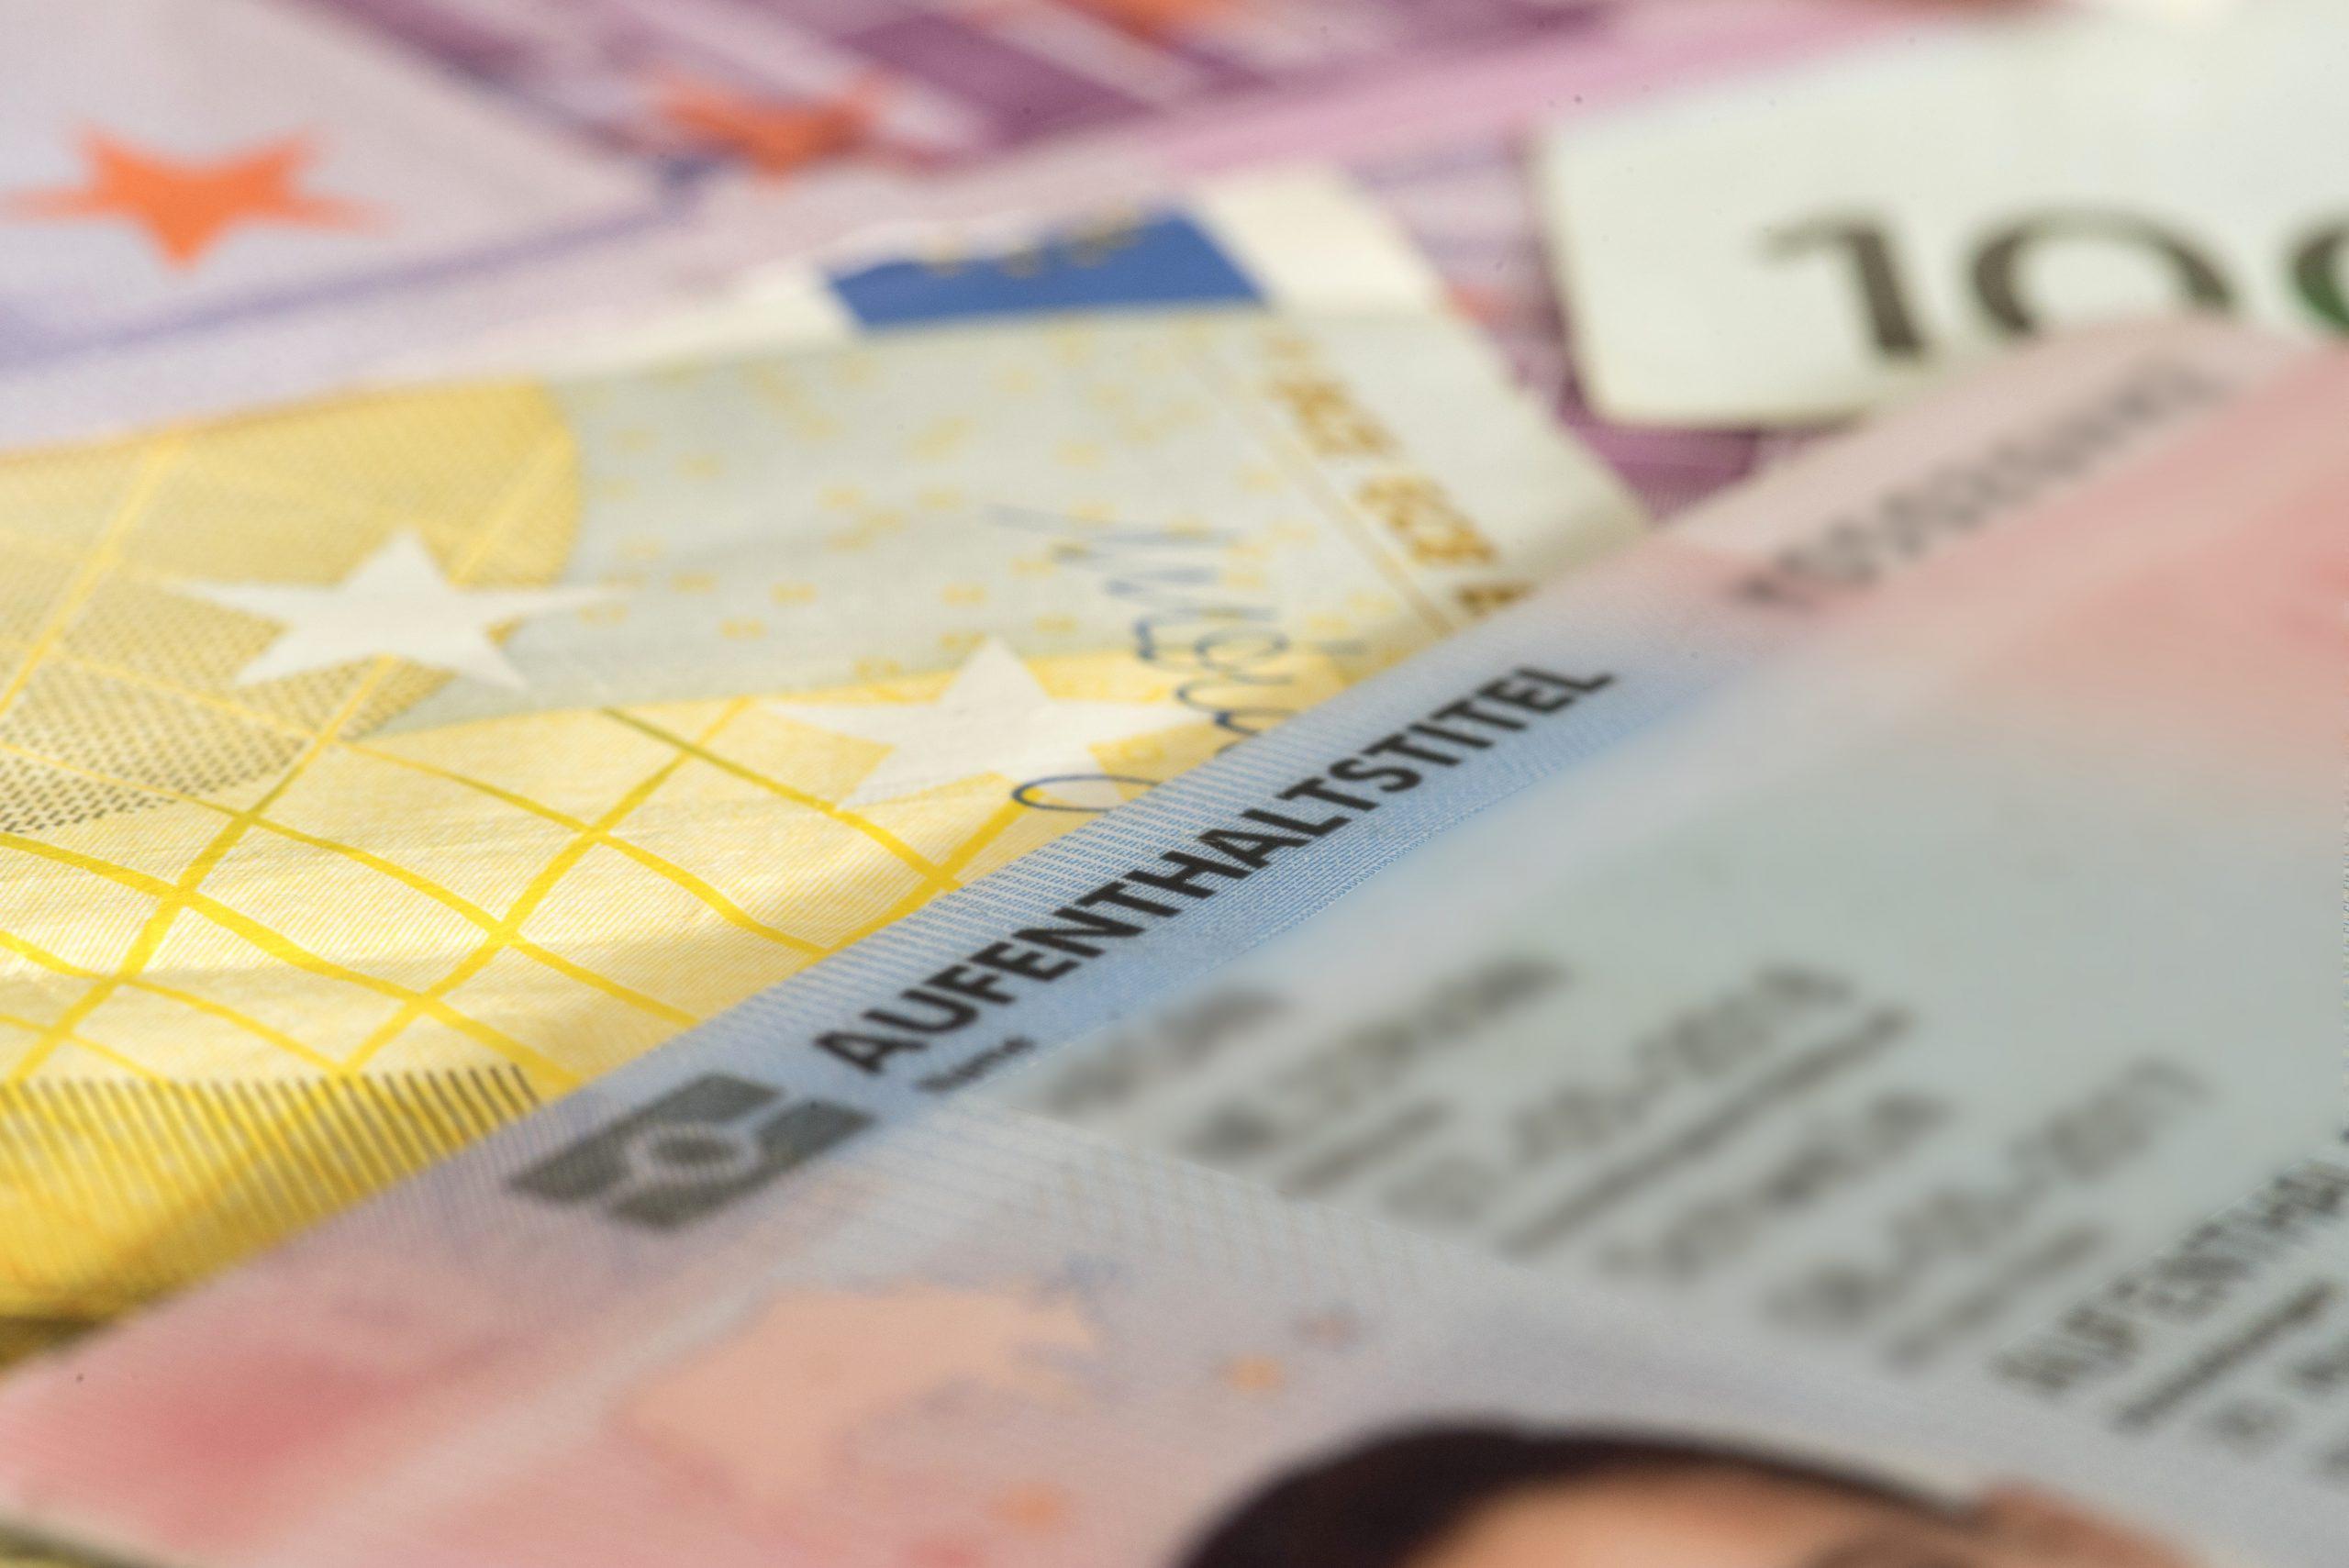 Aufenthaltserlaubnis nach Heirat in Deutschland beantragen